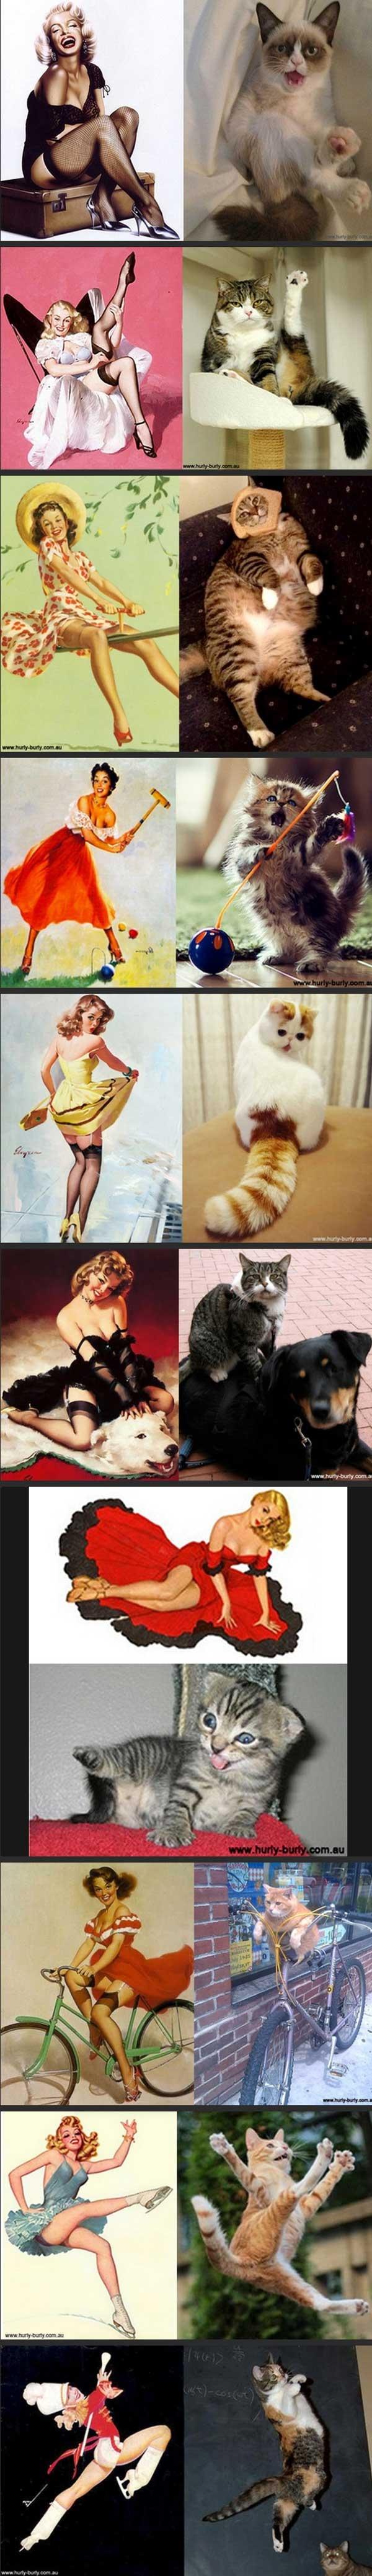 Pin-up pets..lol!